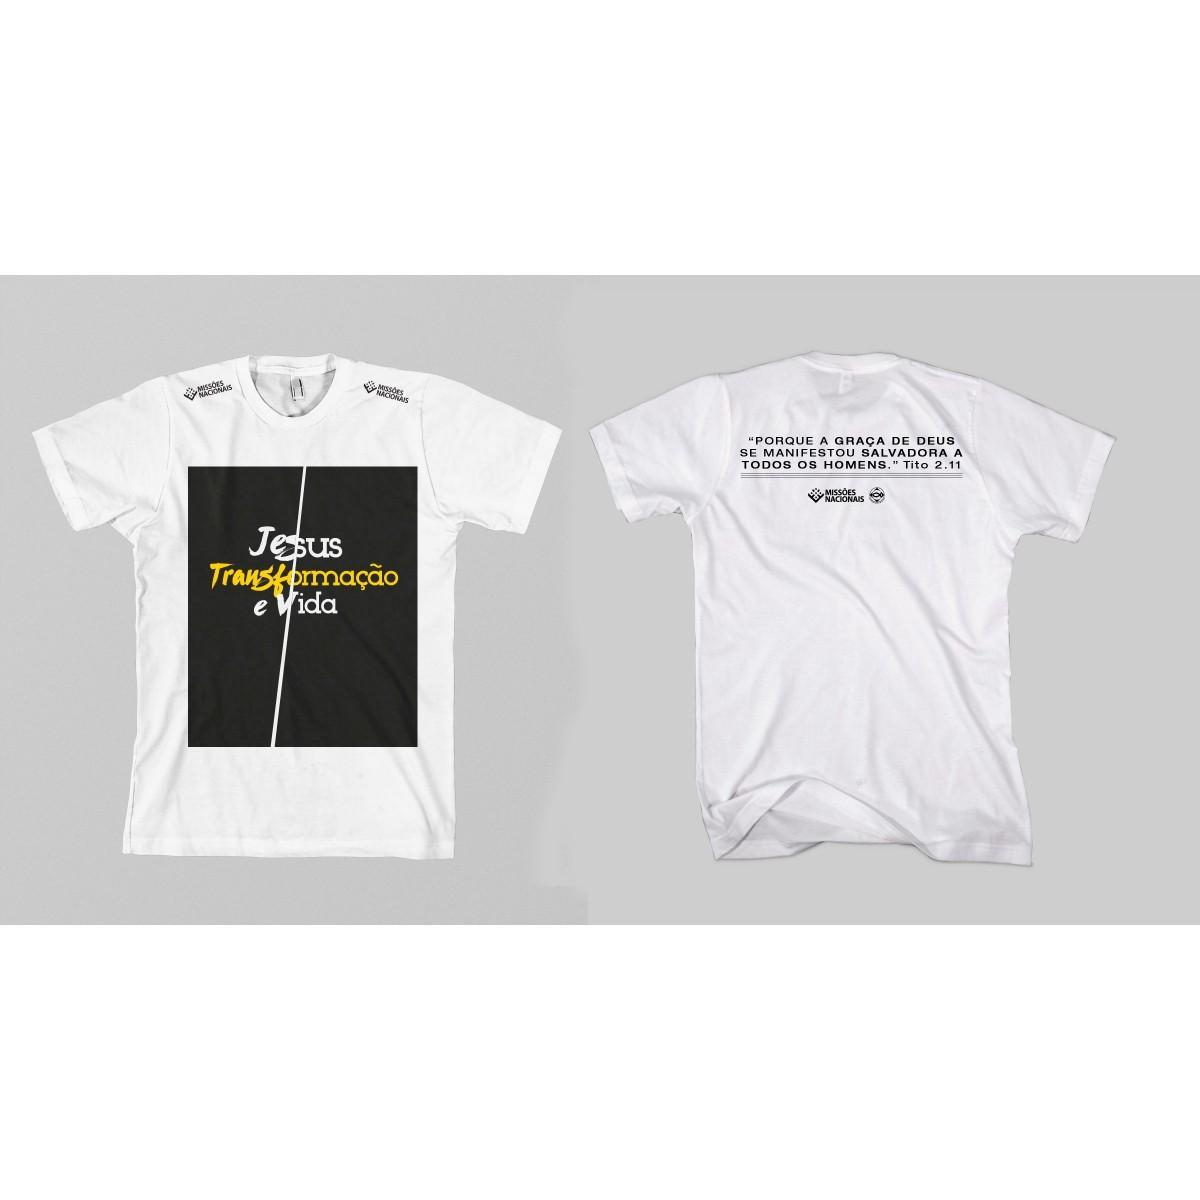 Camisa Transformação e Vida - Quadrado Branca